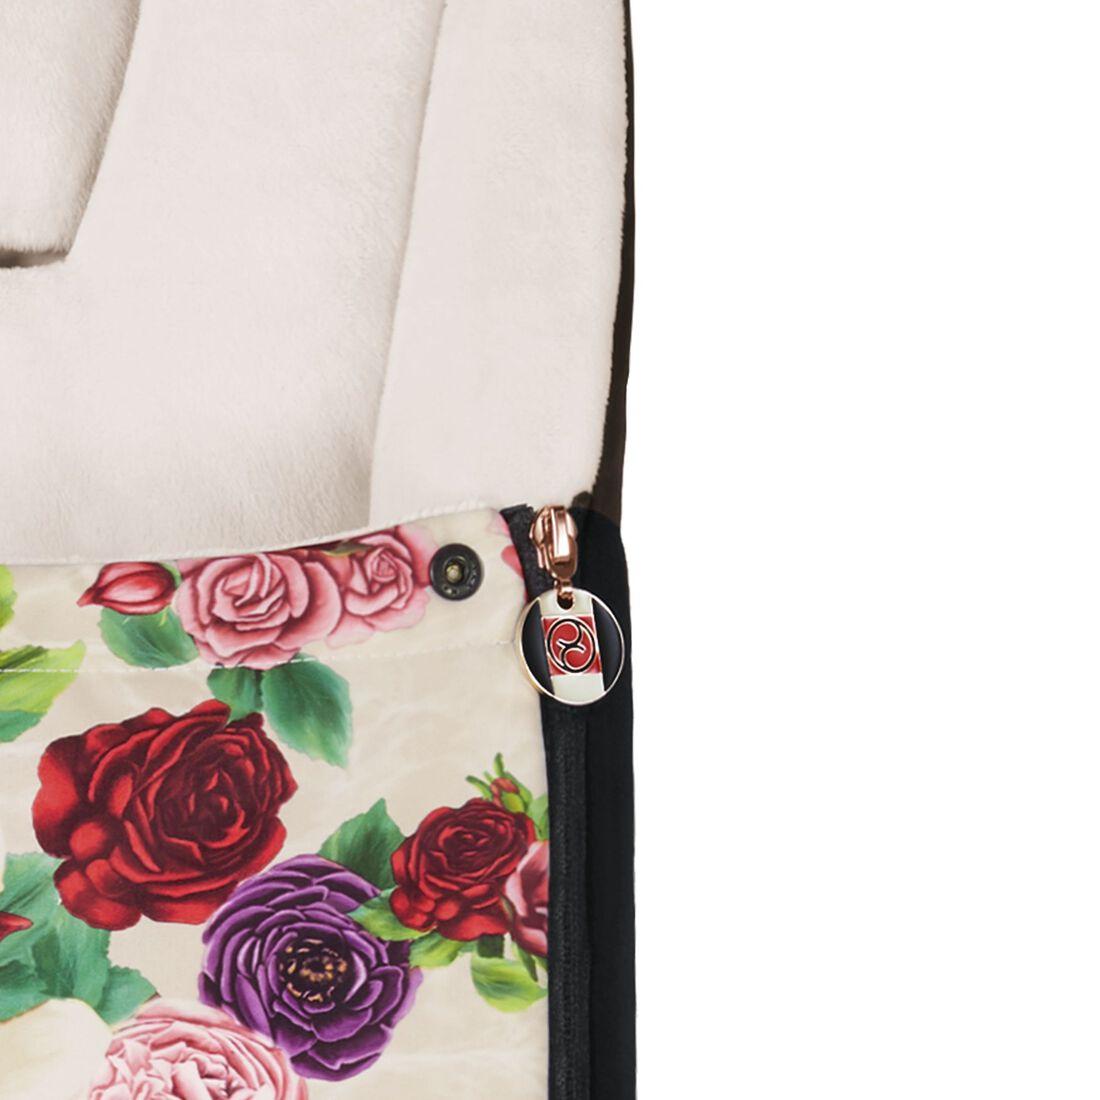 CYBEX Platinum Fußsack - Spring Blossom Light in Spring Blossom Light large Bild 2